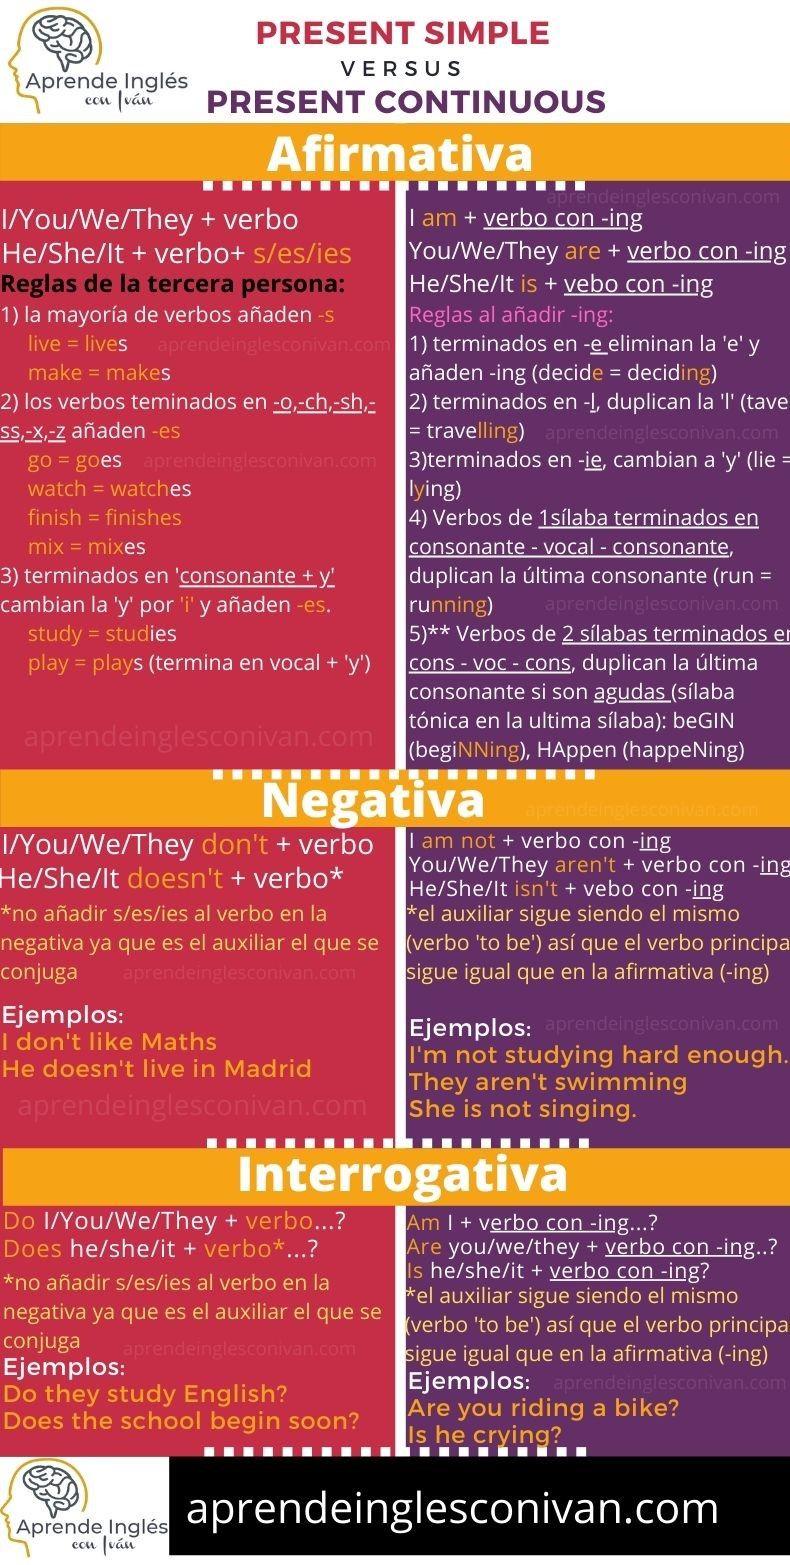 Present Simple Vs Present Continuous Infografía Presente Simple En Ingles Como Aprender Ingles Basico Phrasal Verbs En Ingles